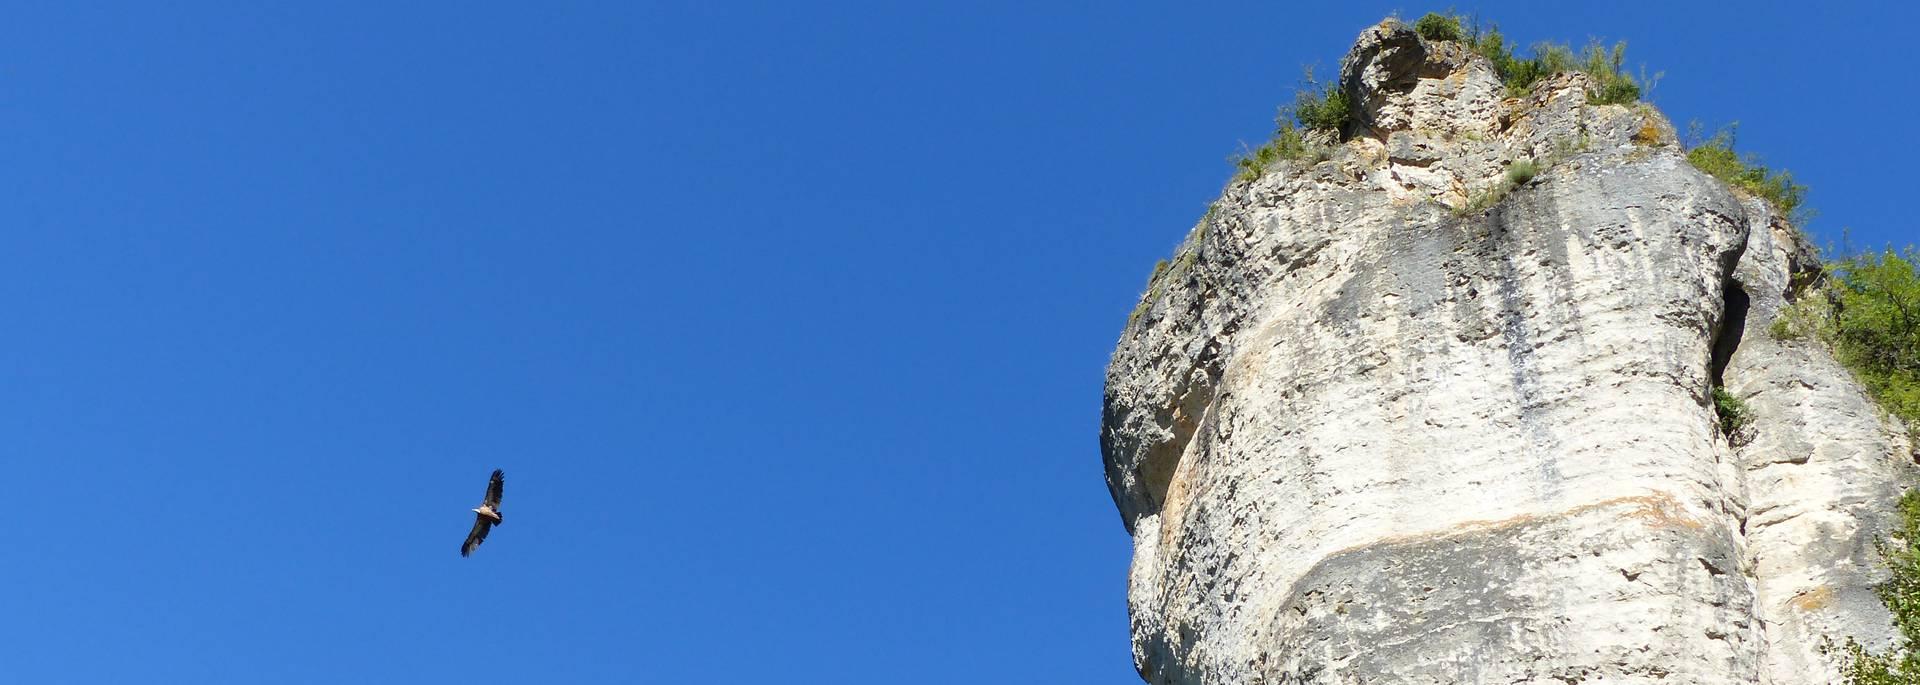 Vautour fauve au-dessus des corniches des gorges du Tarn